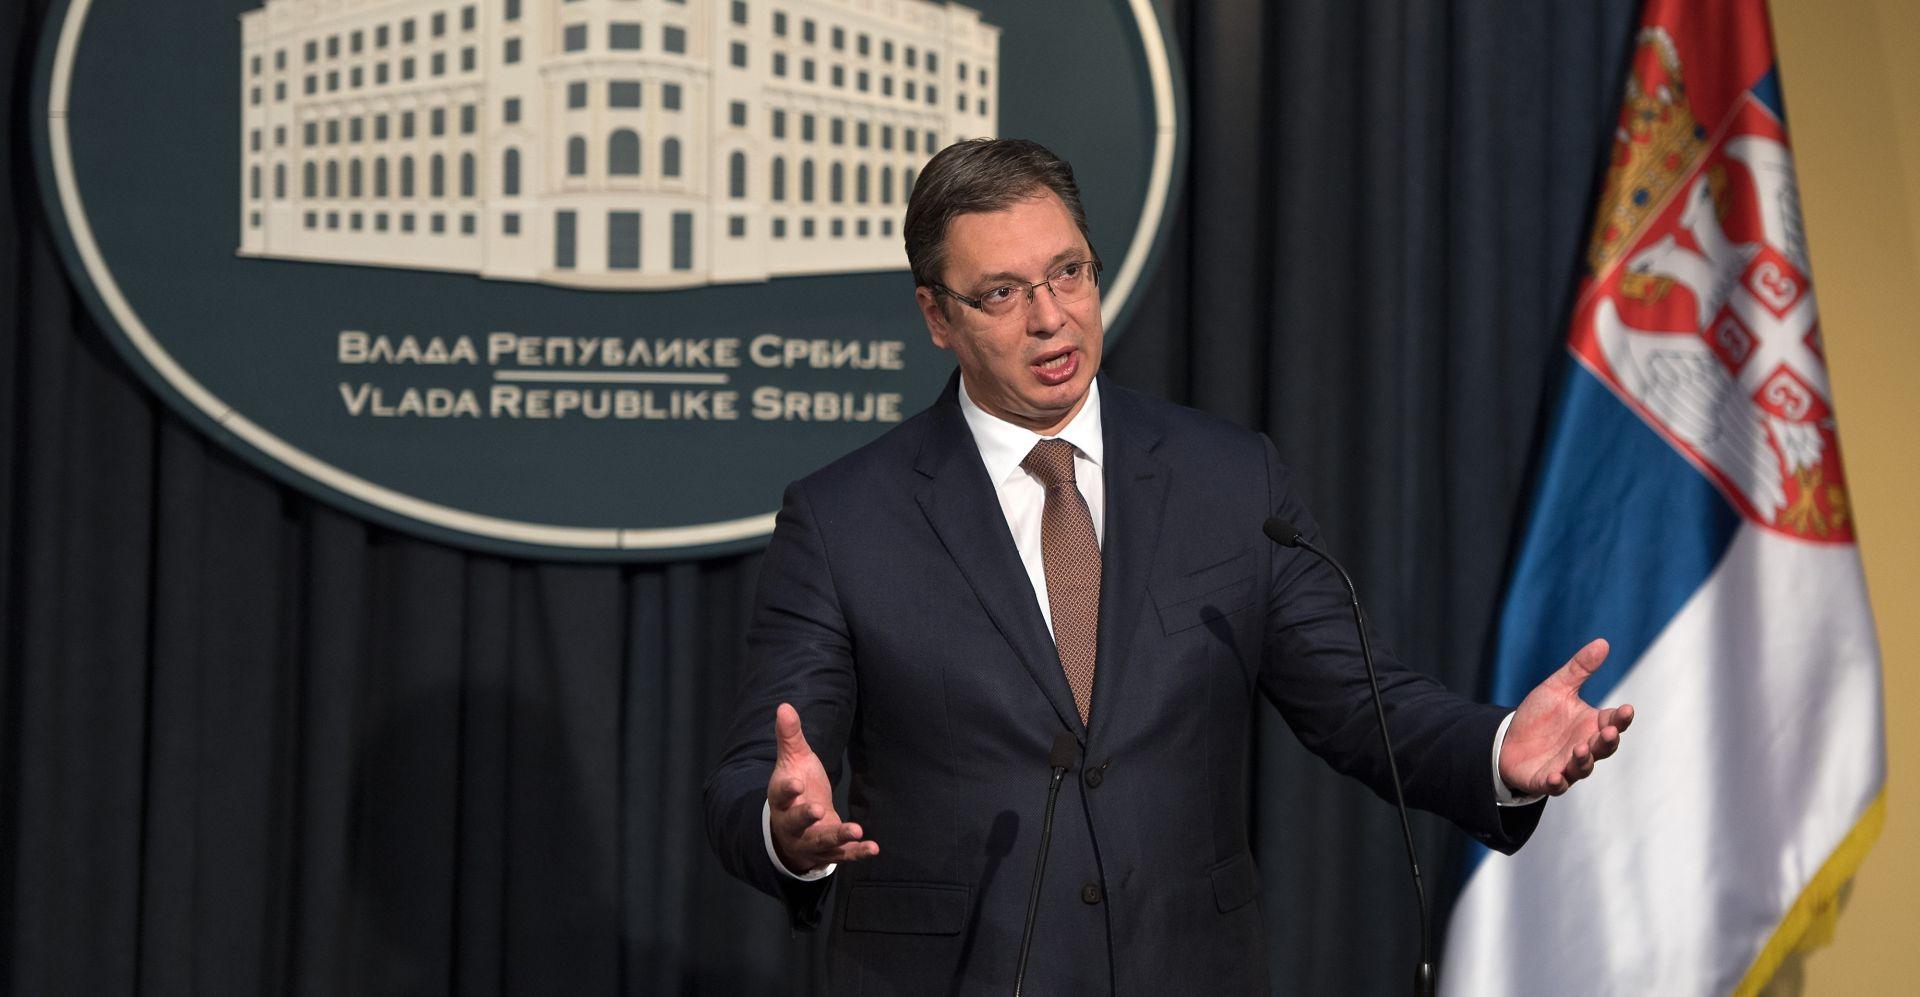 Vučić kaže da će u Parizu odgovoriti Zagrebu na neistine oko blokade Srbije